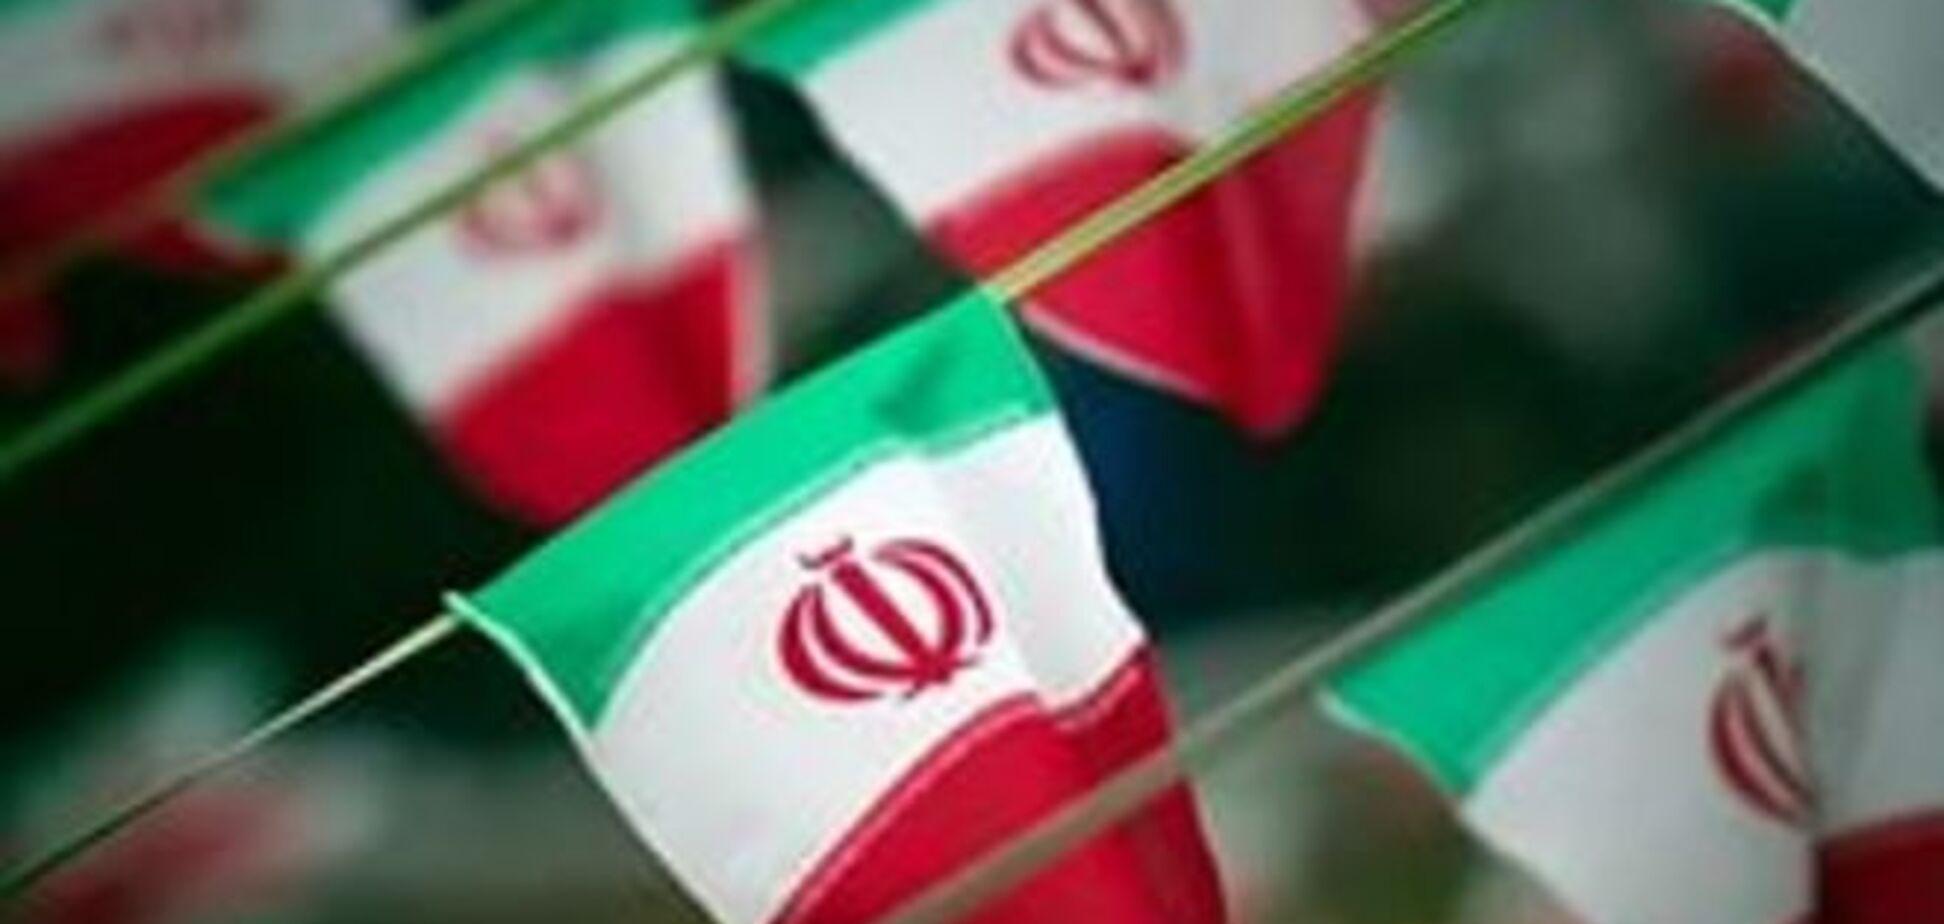 Іран зажадав негайно зняти санкції та повернути активи